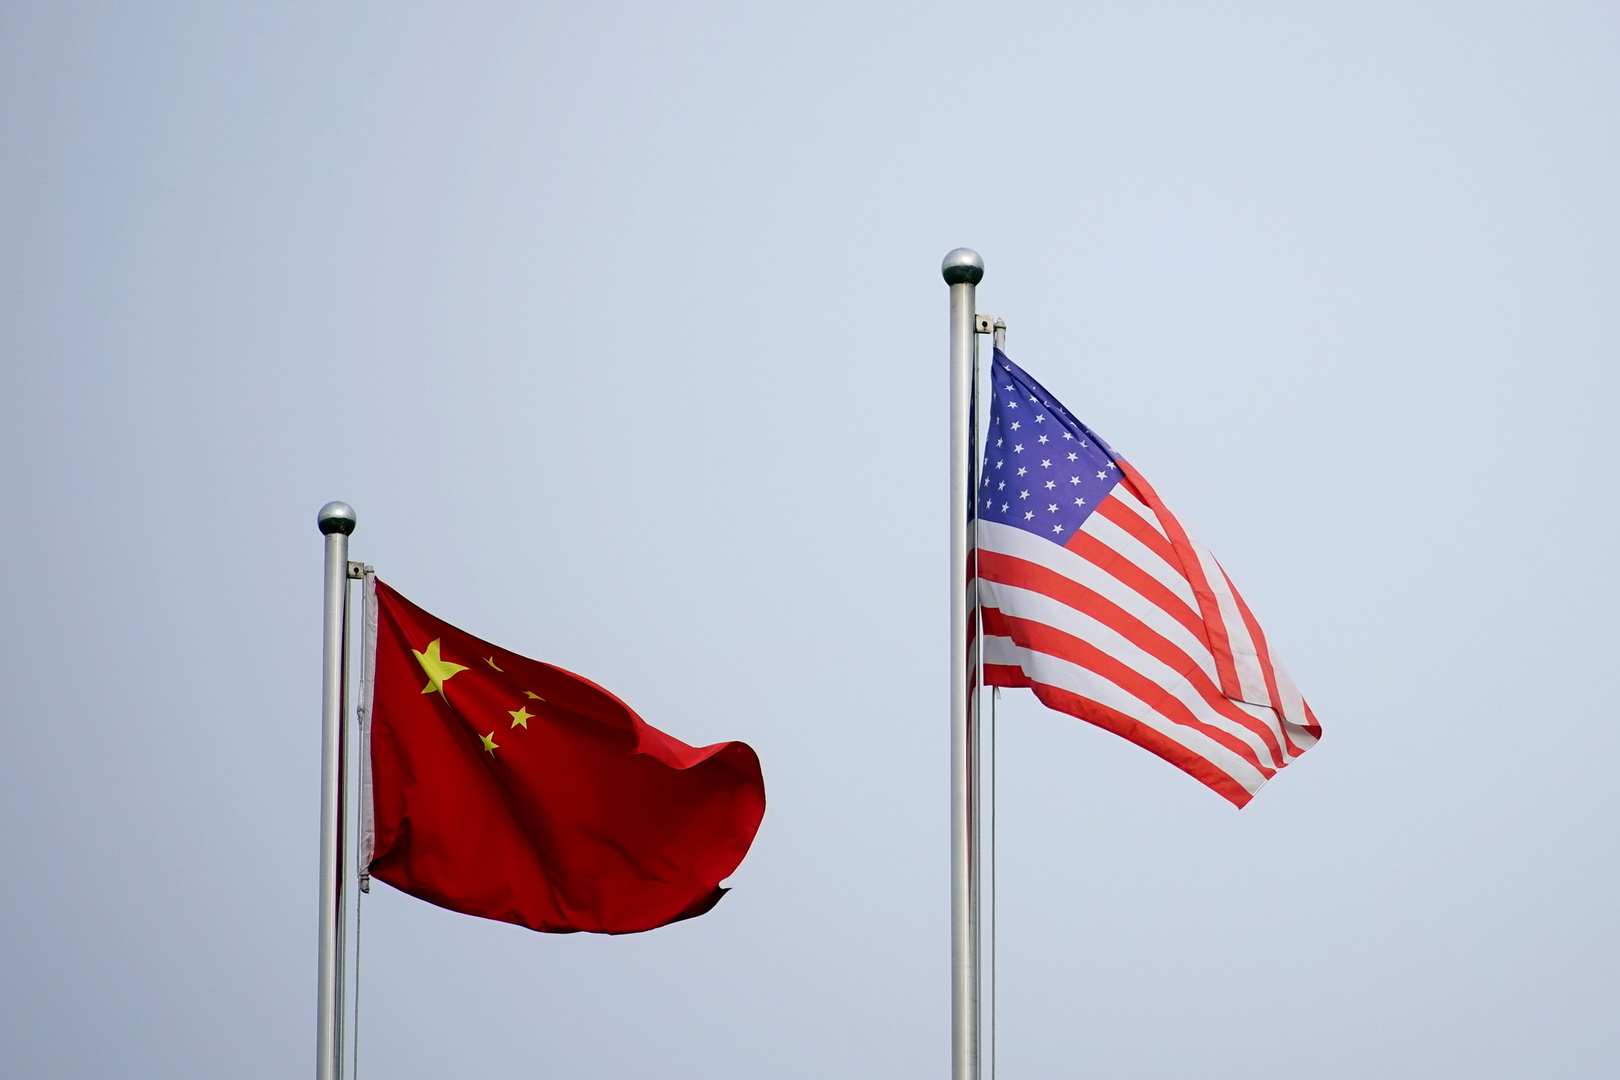 مسؤولون: الولايات المتحدة توجهت إلى الصين بطلب تقليص استيراد النفط من إيران